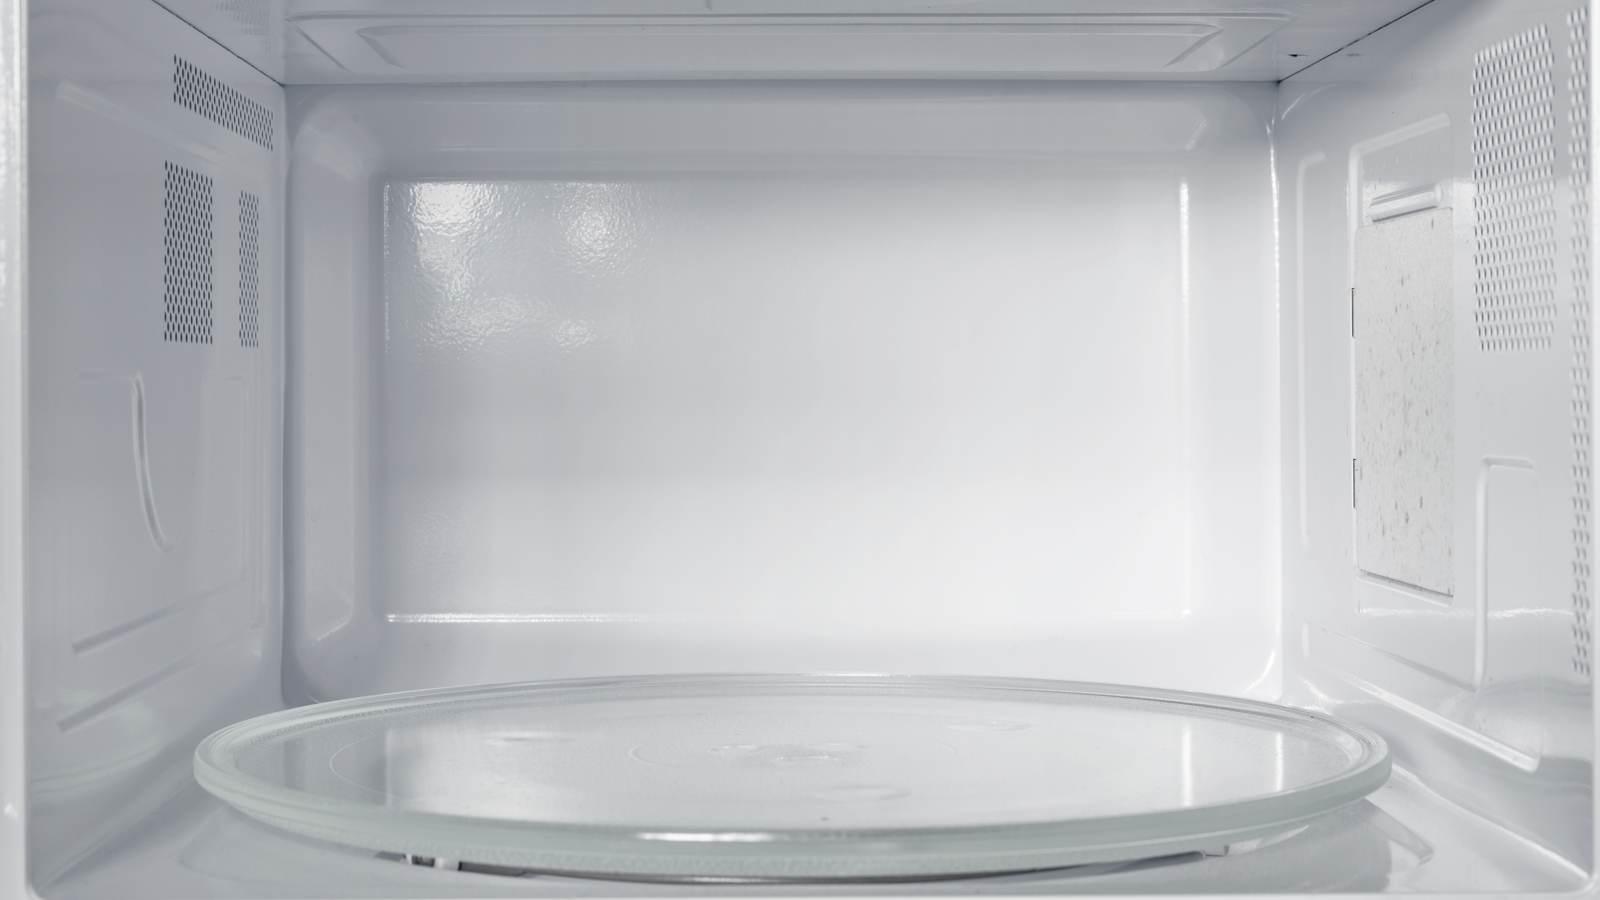 diese lasagne hat 843 kalorien sagt die mikrowelle denn die wei das zuk nftig das filter. Black Bedroom Furniture Sets. Home Design Ideas